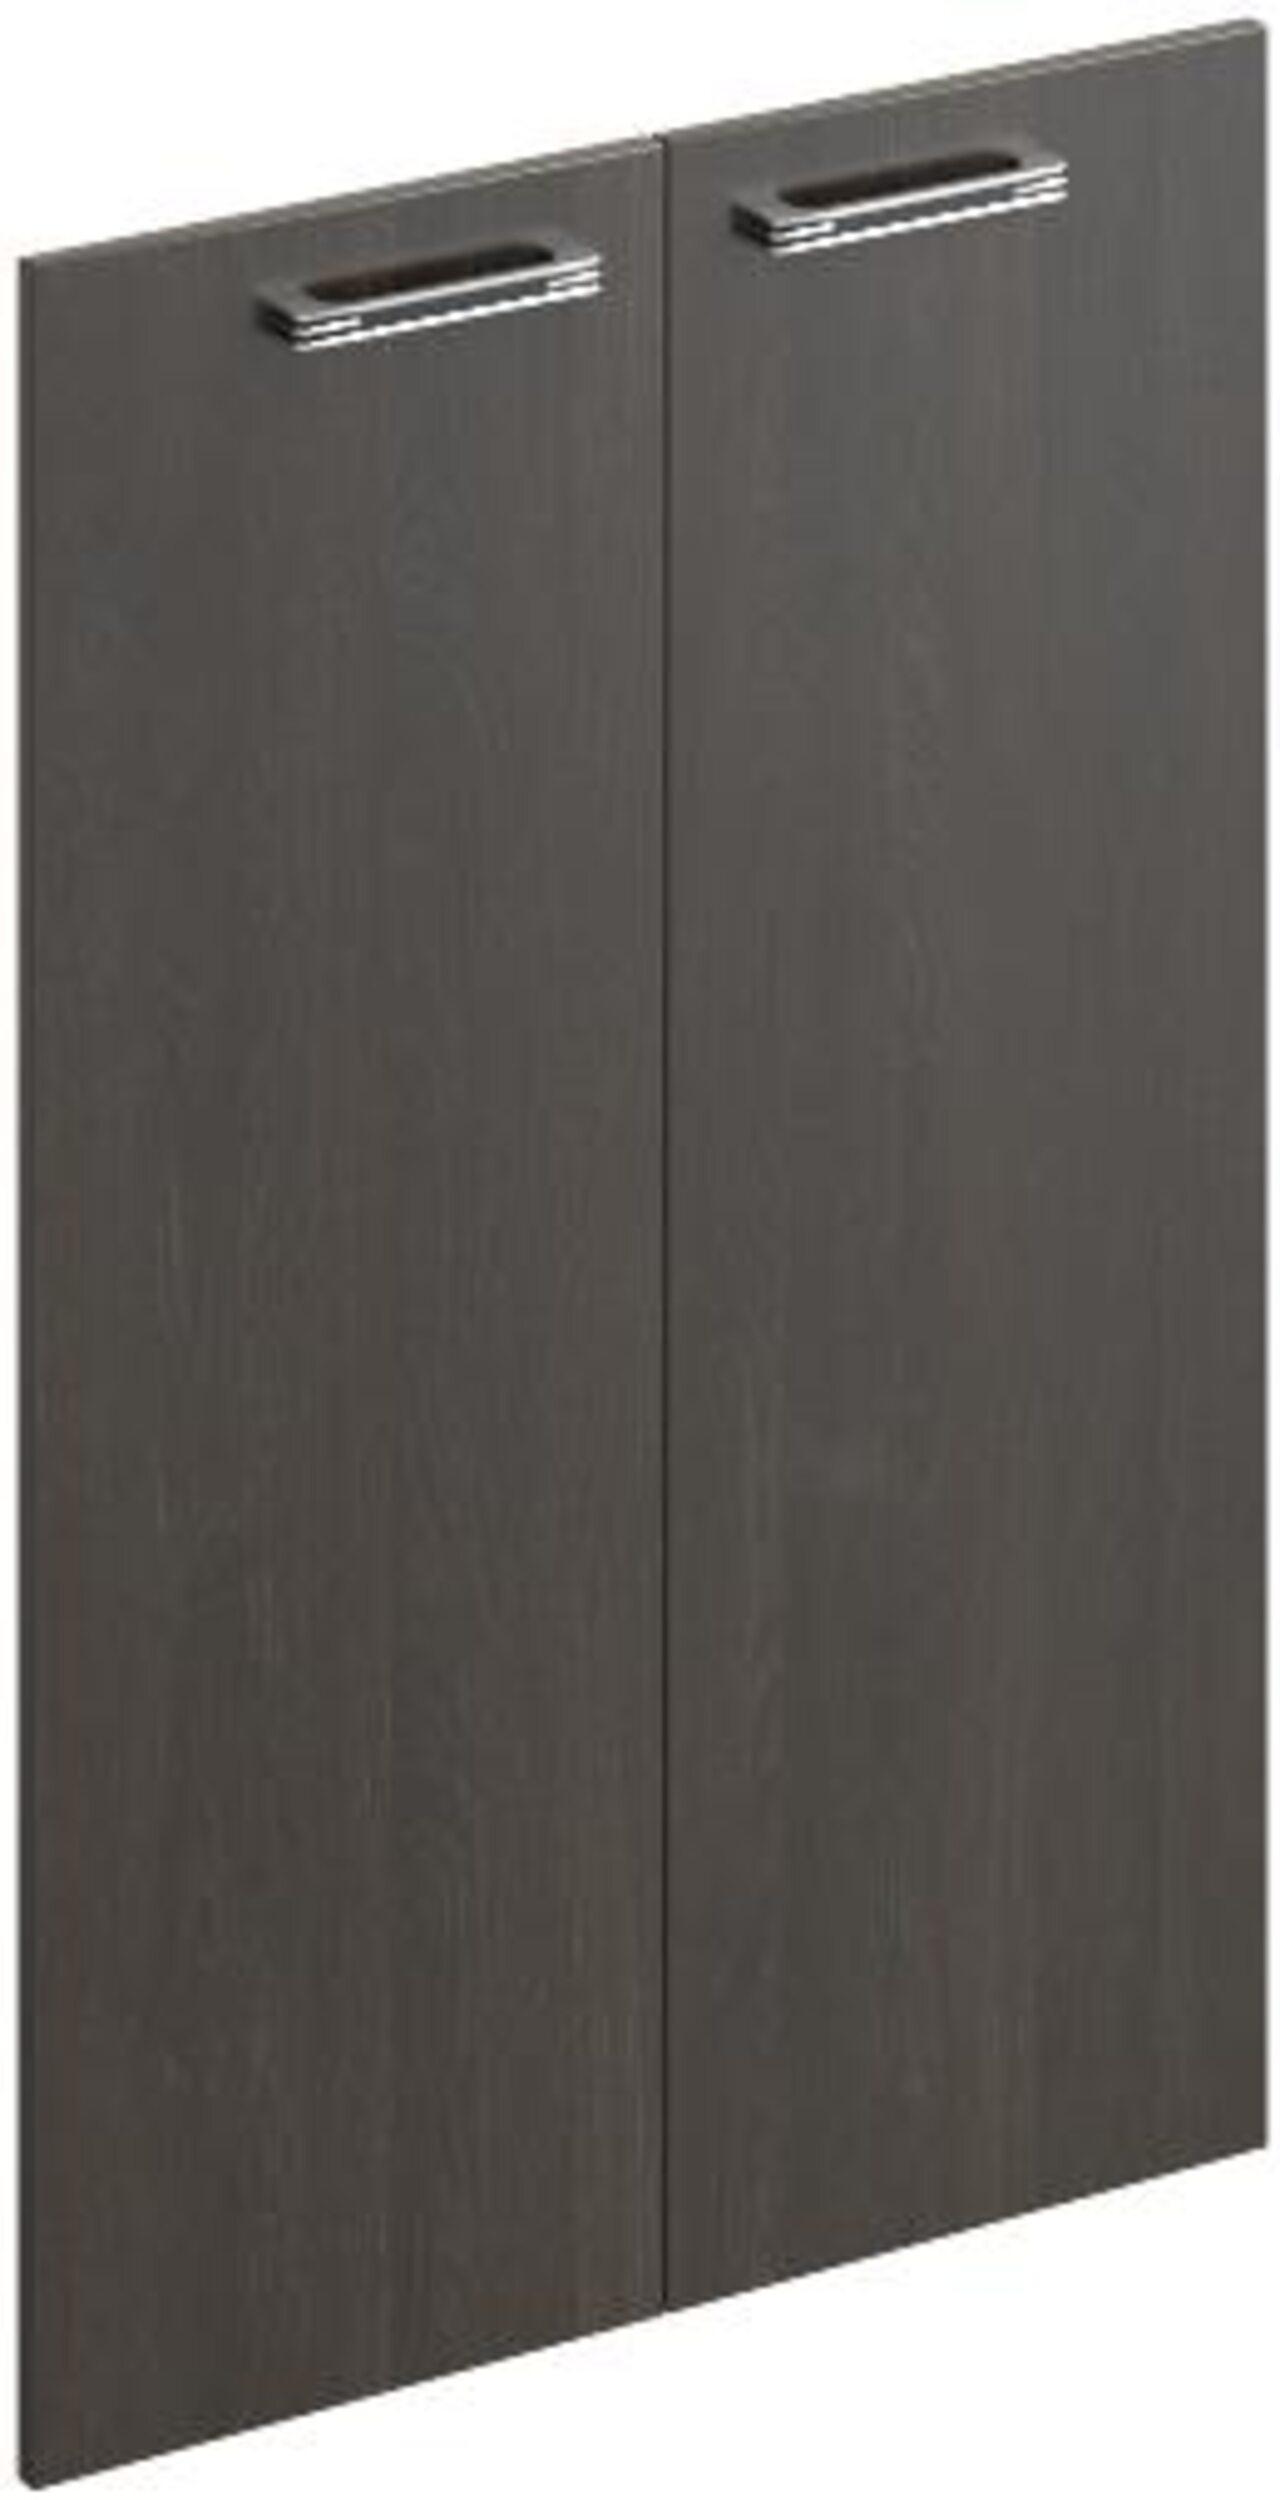 Комплект средних дверей  Дельта 73x2x115 - фото 1